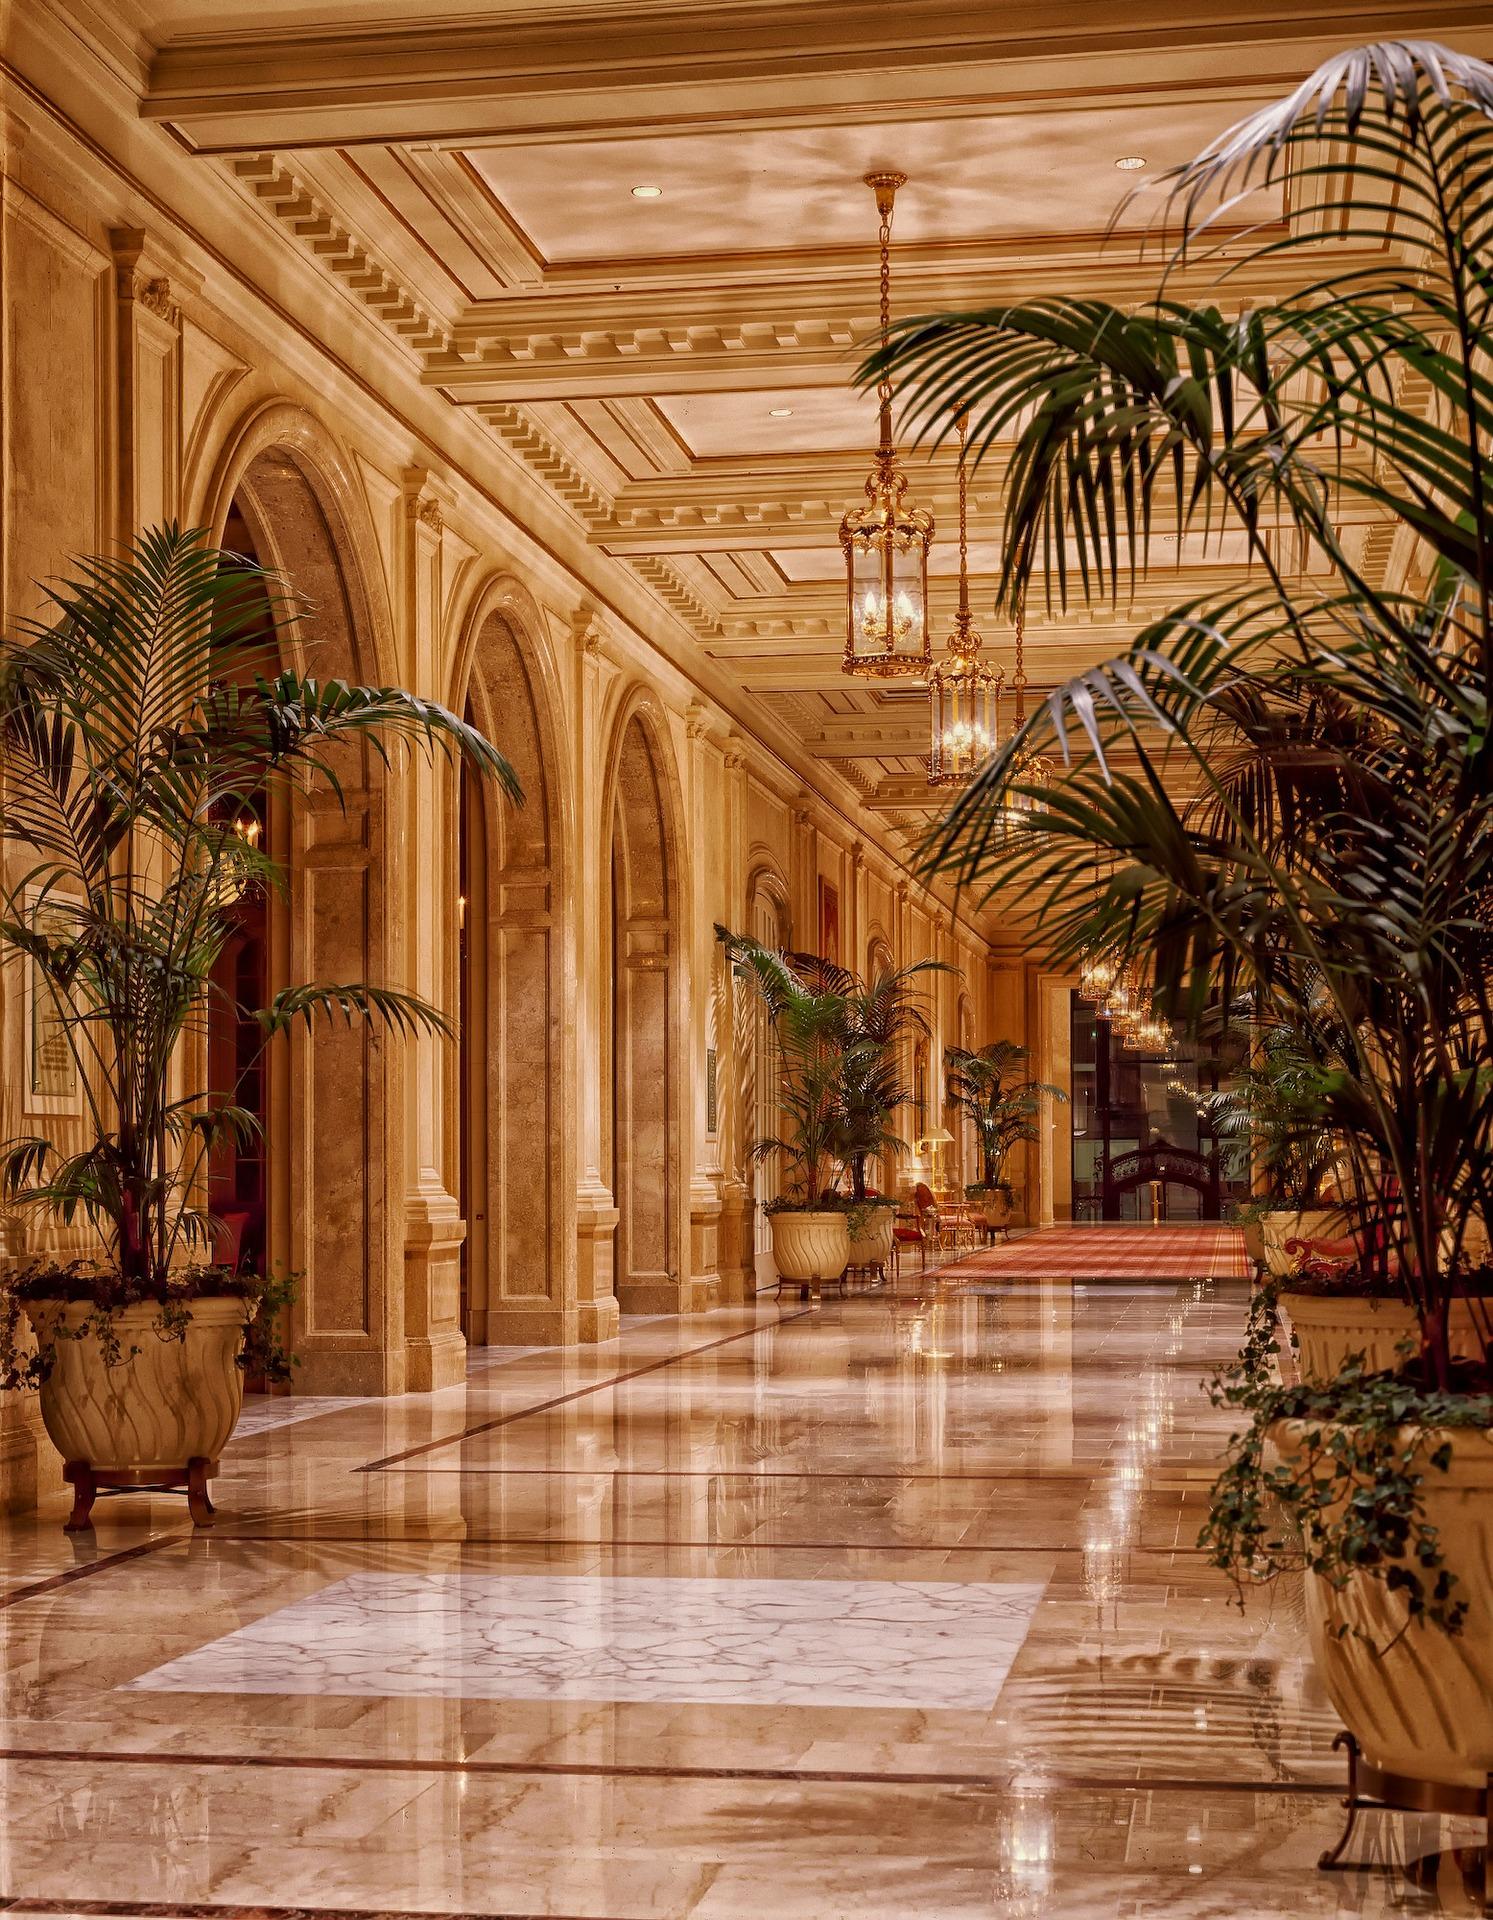 Entree van hotels van de Sheraton keten, hoge plafonds, planten en veel marmer